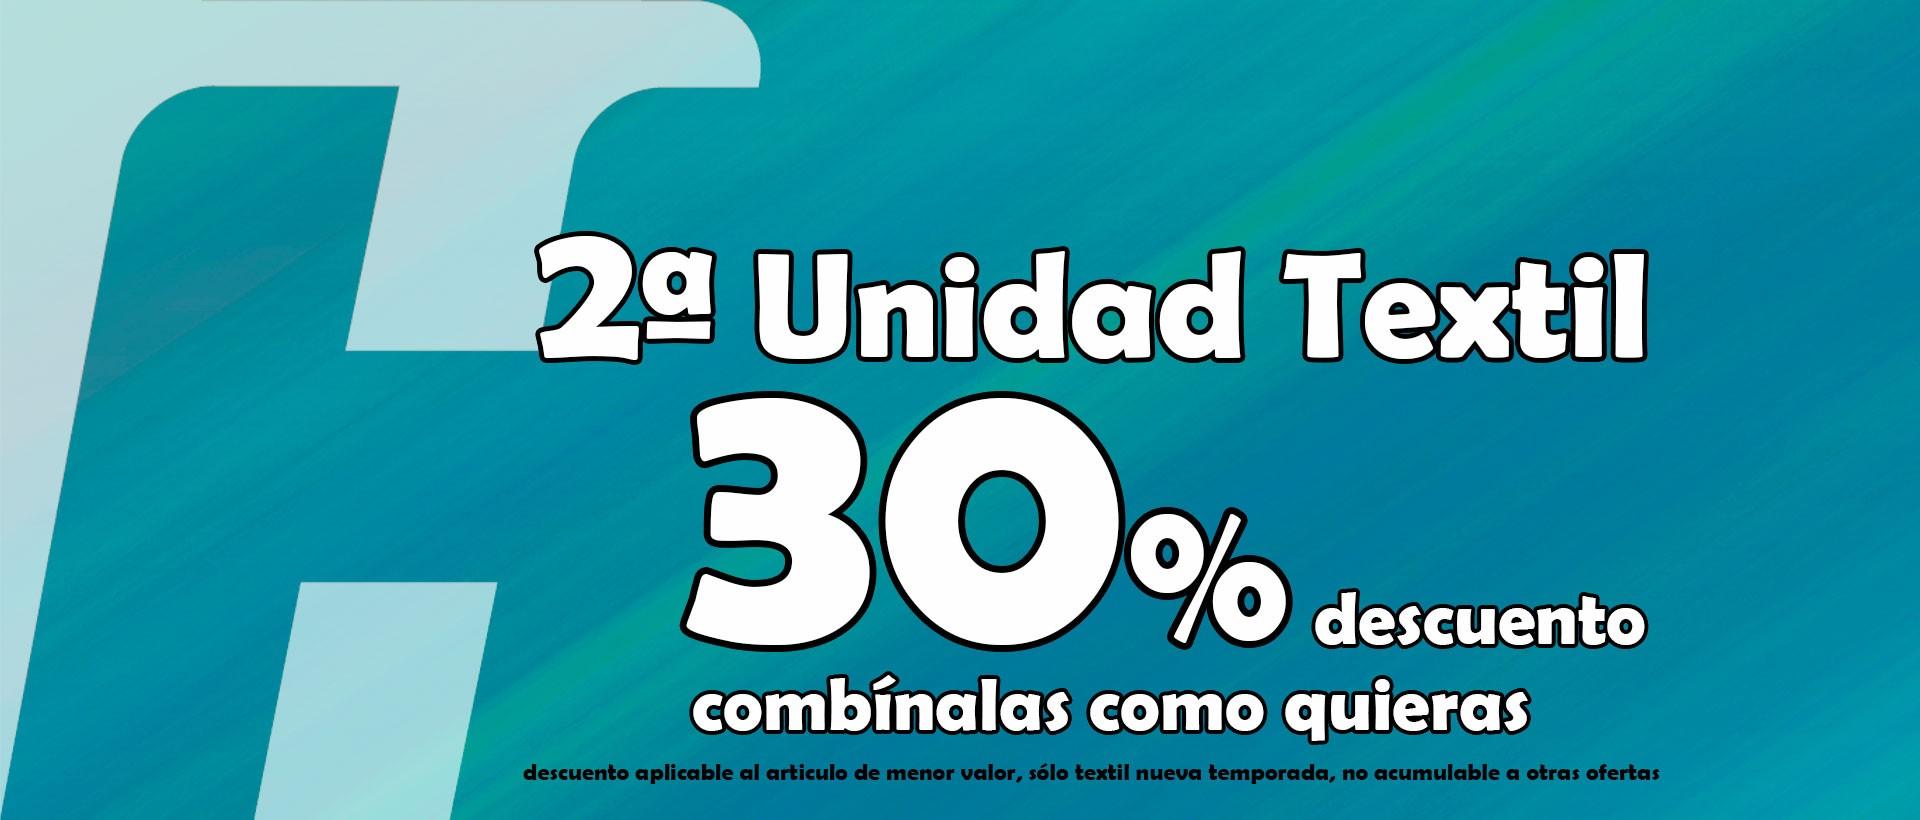 30% descuento 2º unidad textil